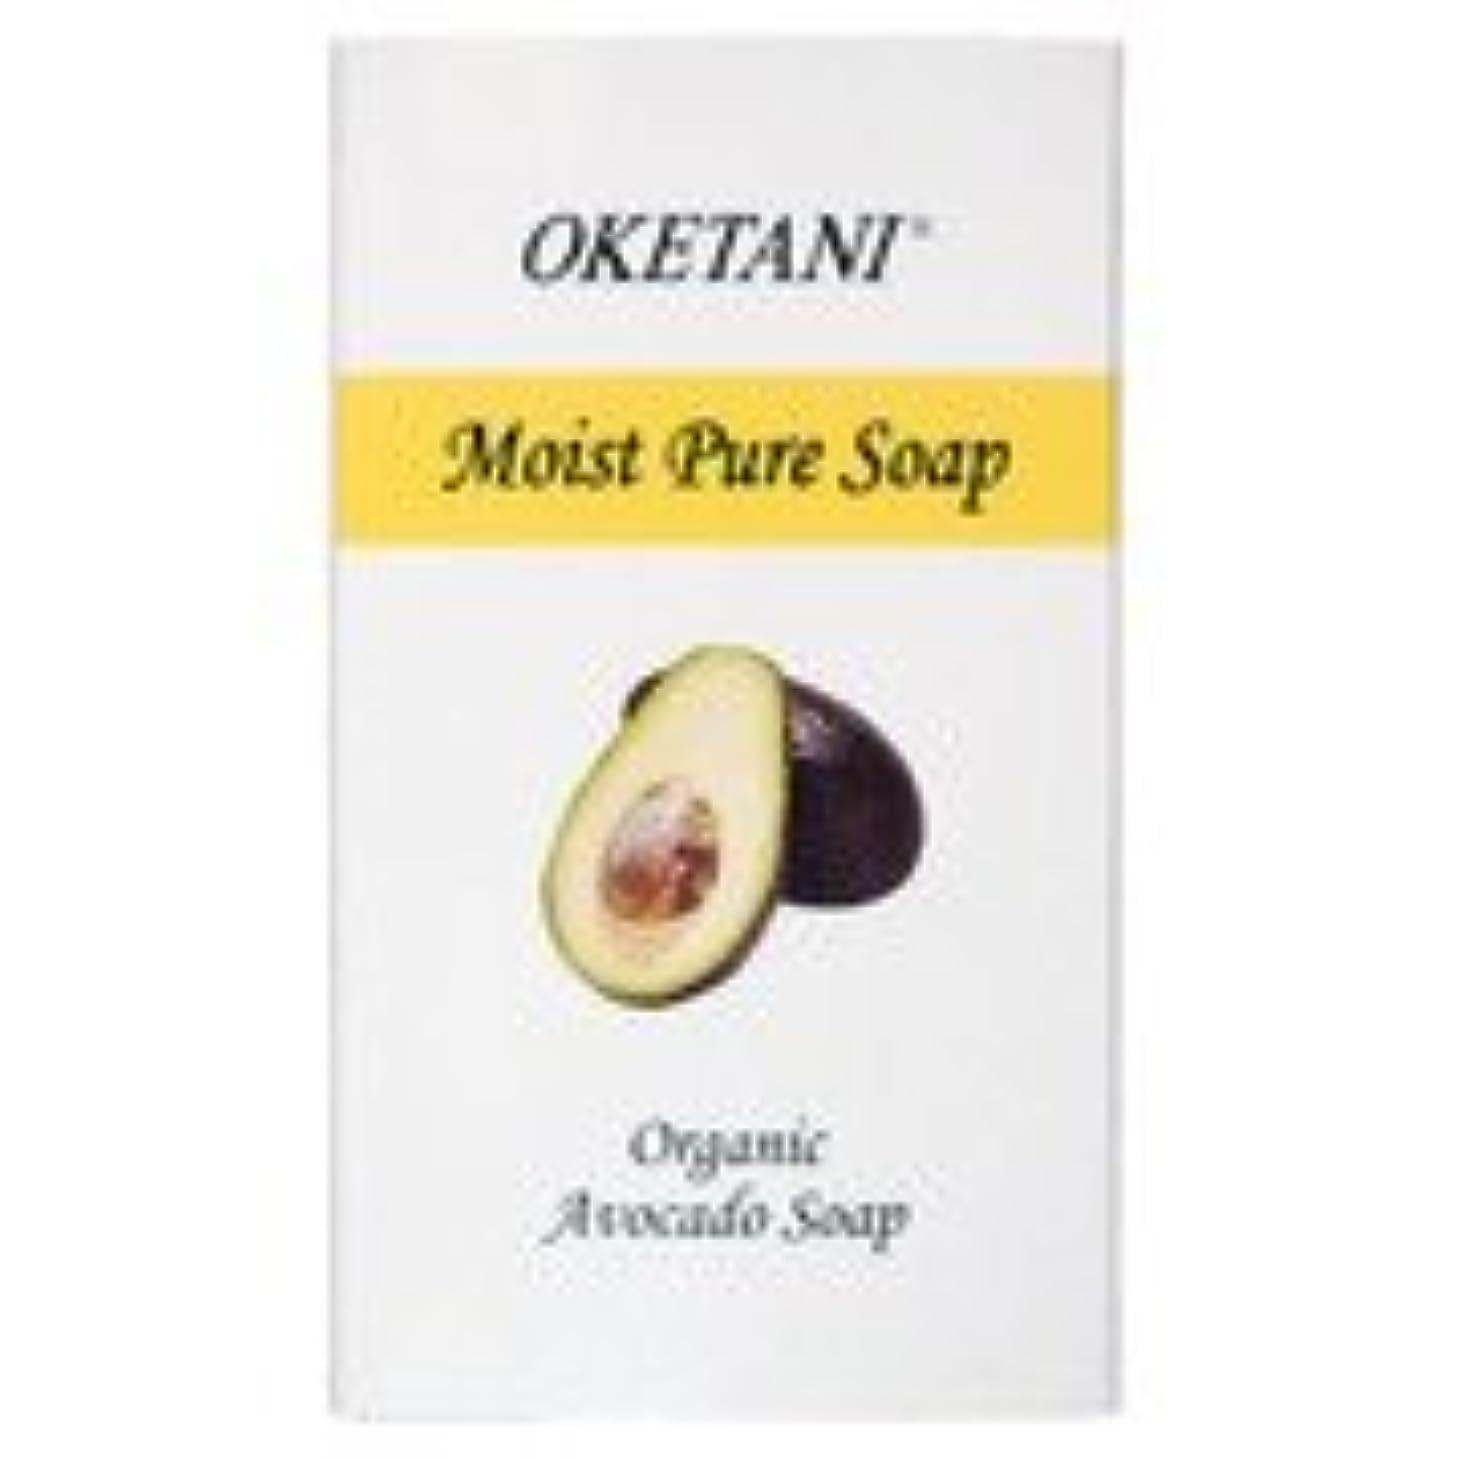 ほめる独立食物[OKETANI]モイスチャーオーガニックアボガド石鹸